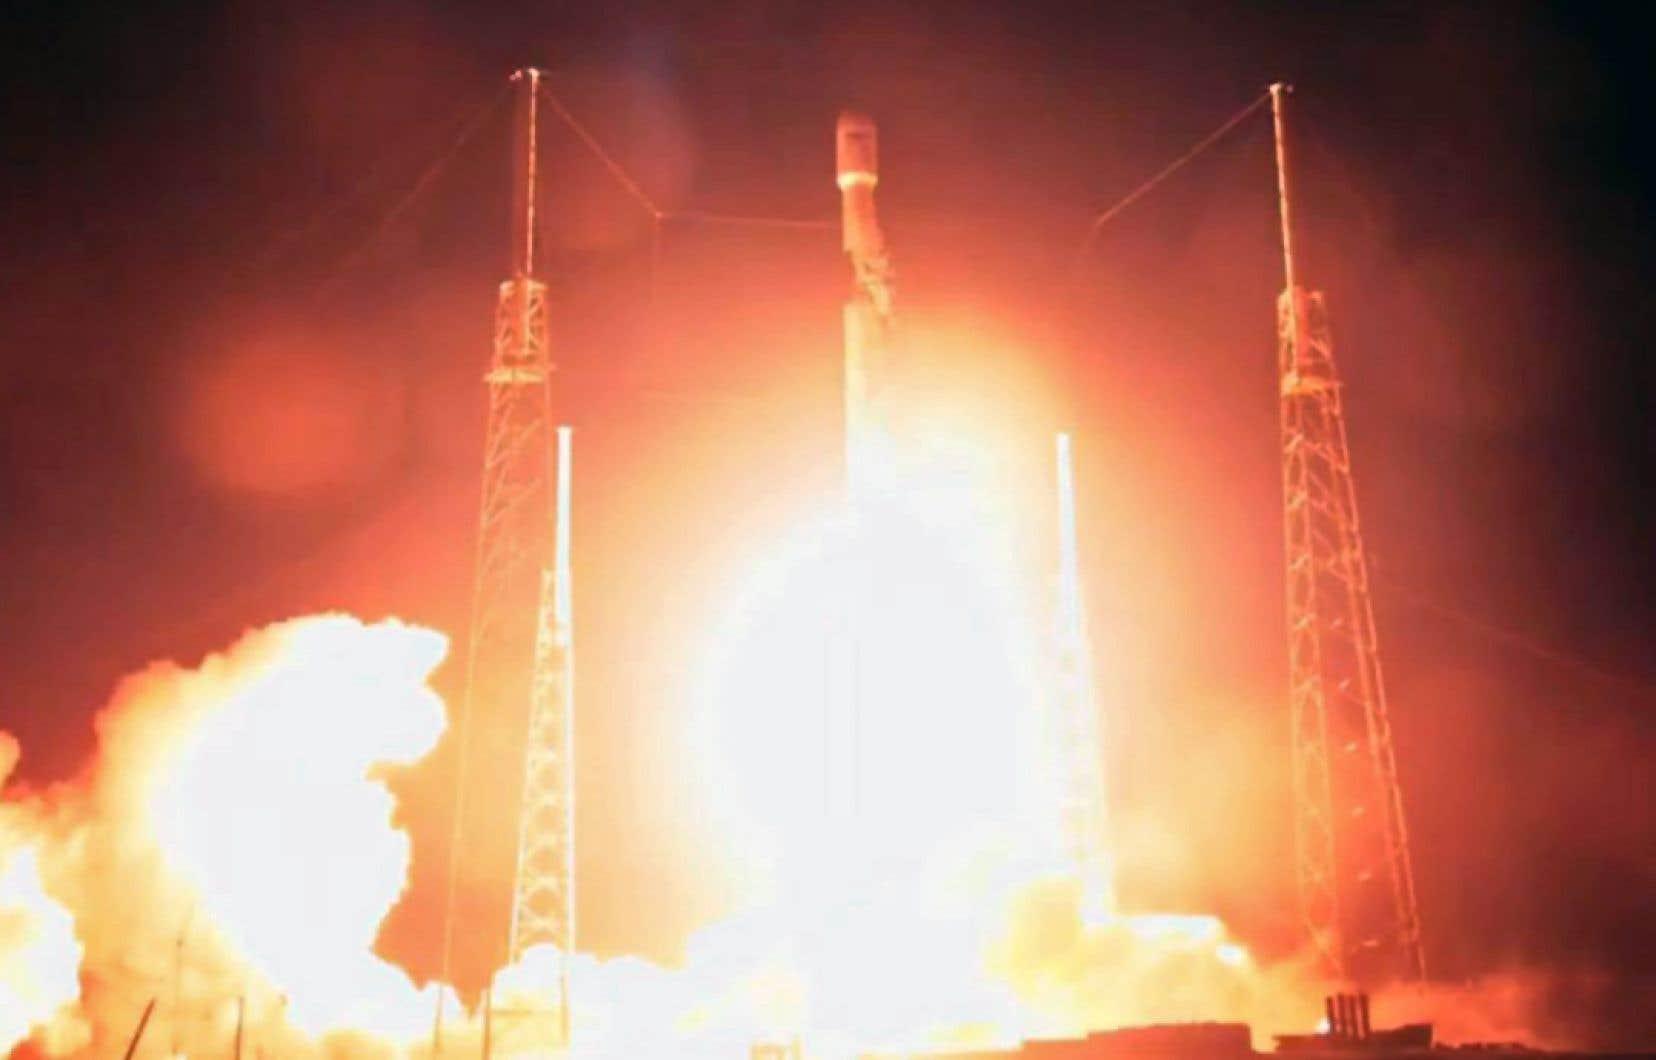 La première sonde israélienne à destination de la Lune doit arriver dans sept semaines pour tenter de faire d'Israël le quatrième pays à réussir un alunissage.